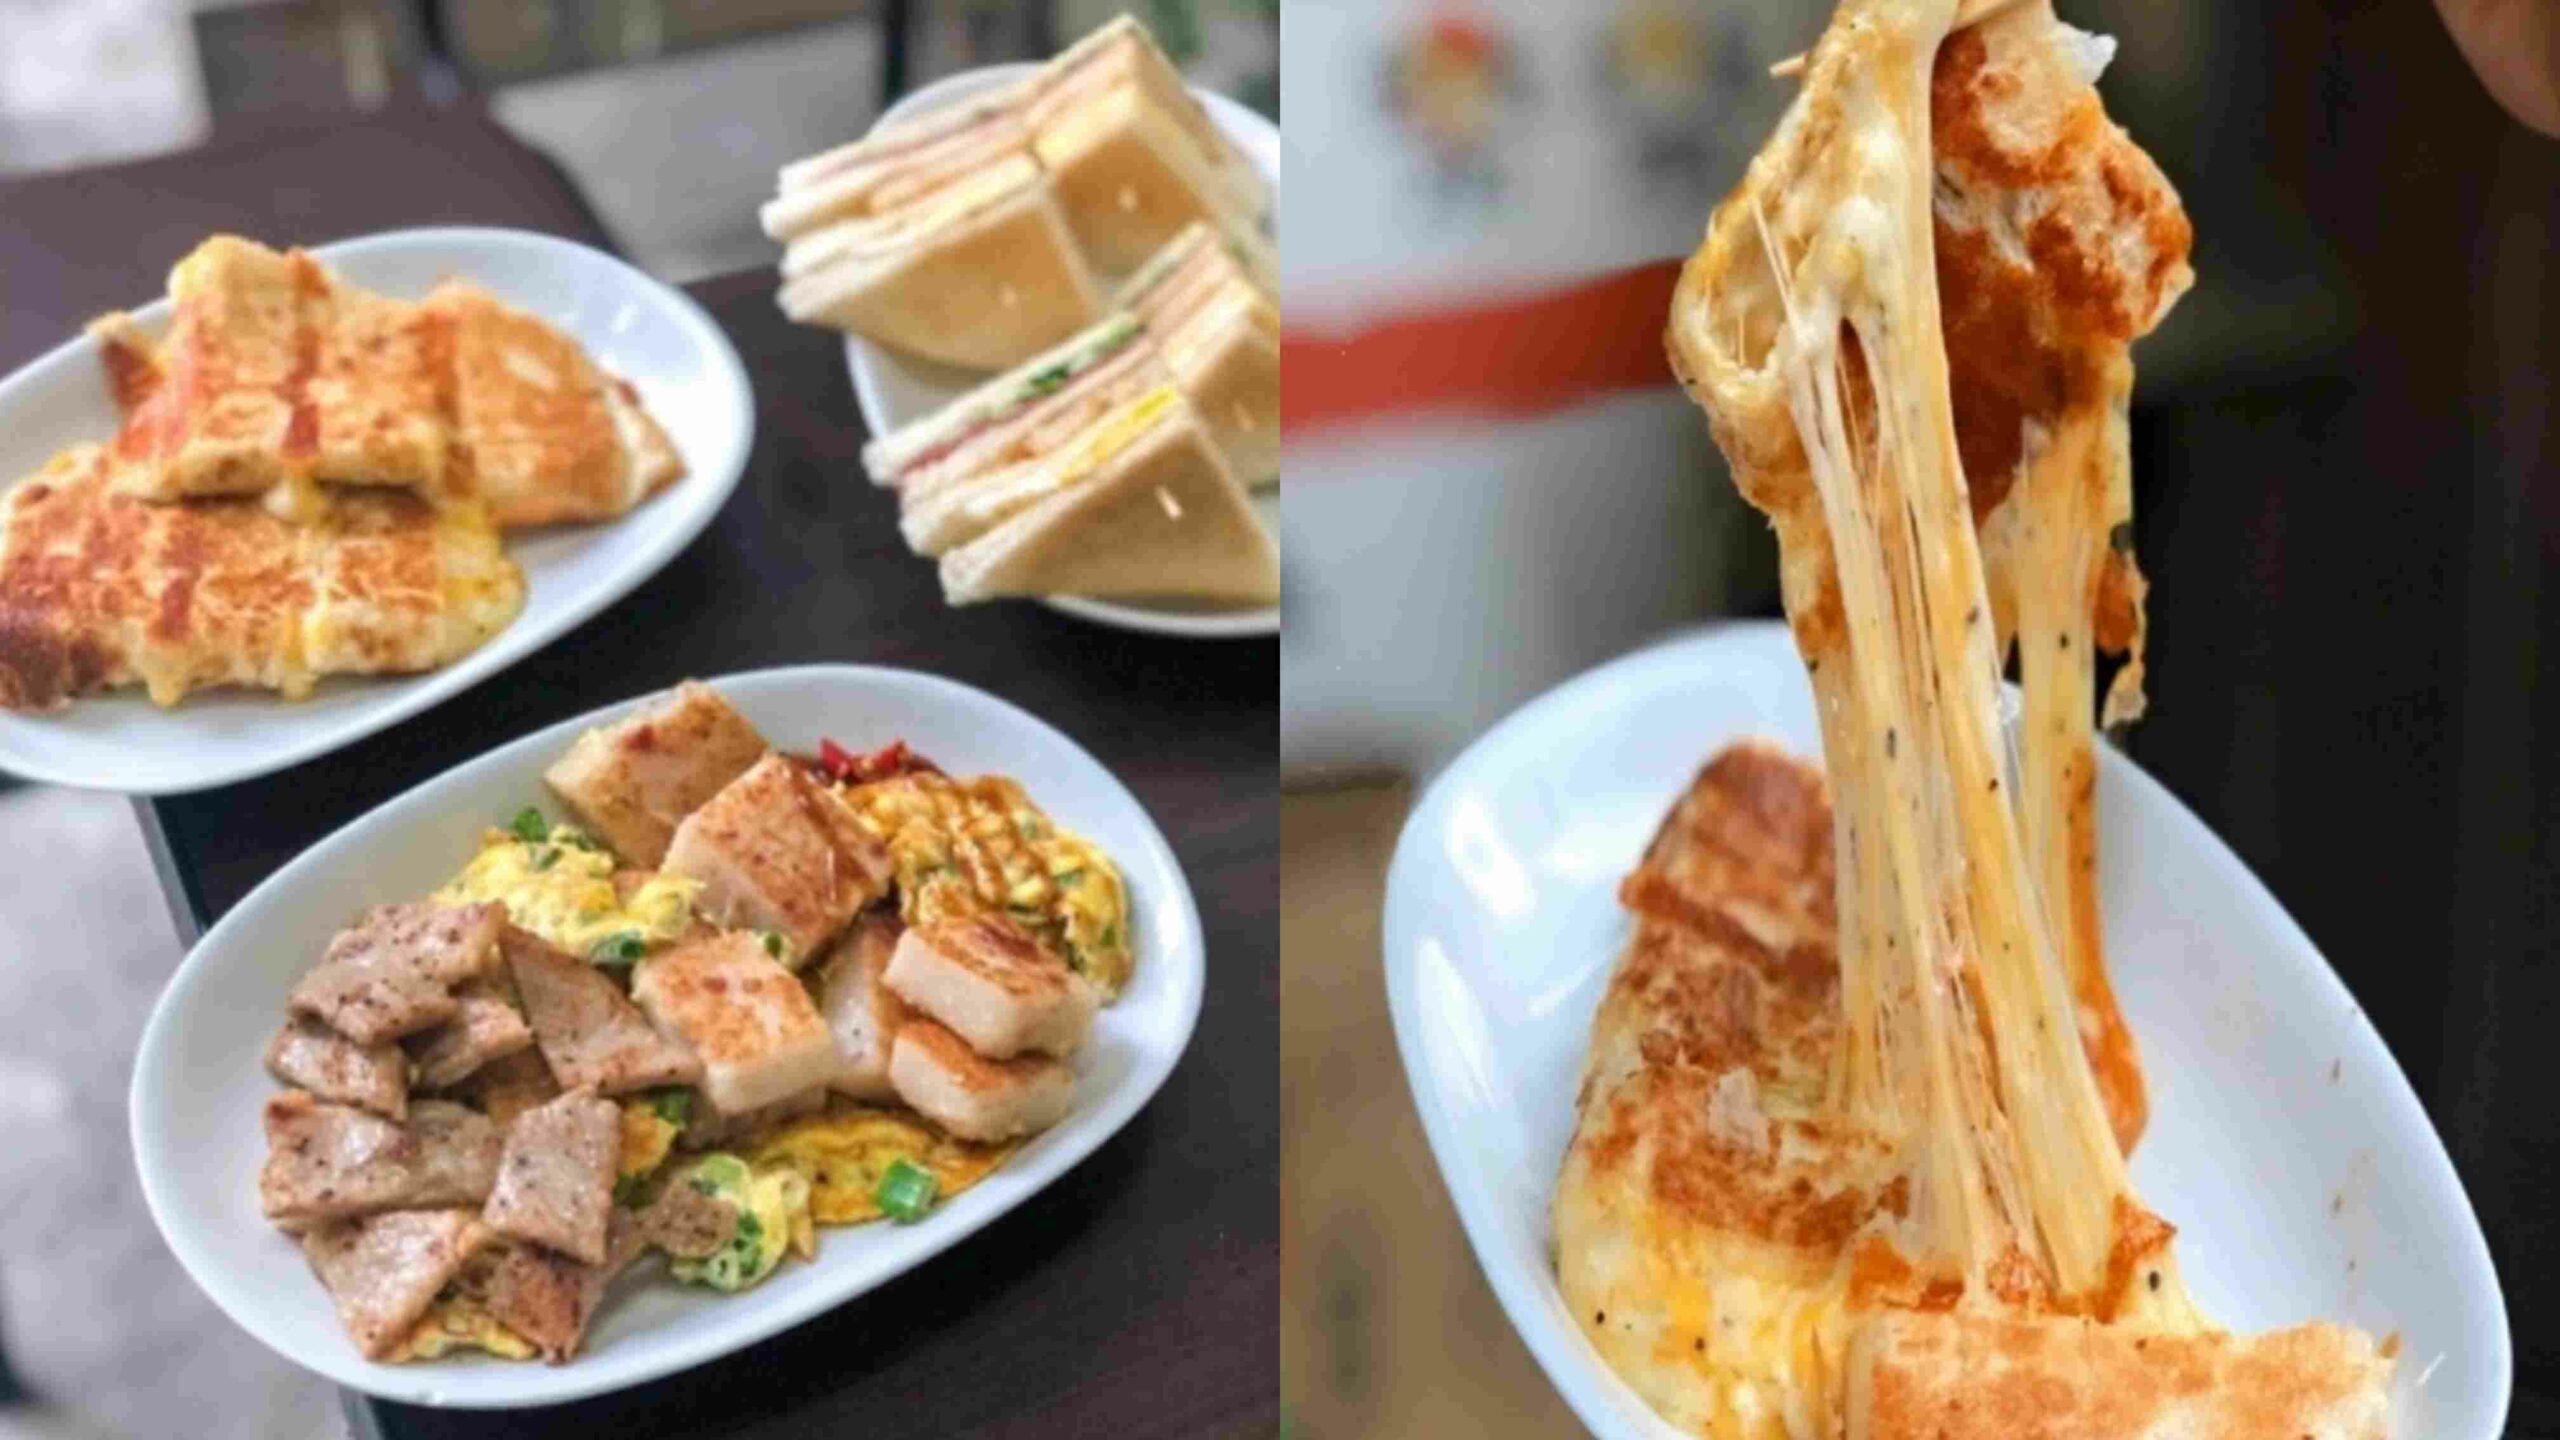 樂樂早午餐:板橋最浮誇系超邪惡牽絲起司蛋餅,超狂/新北板橋早餐店推薦 @女子的休假計劃